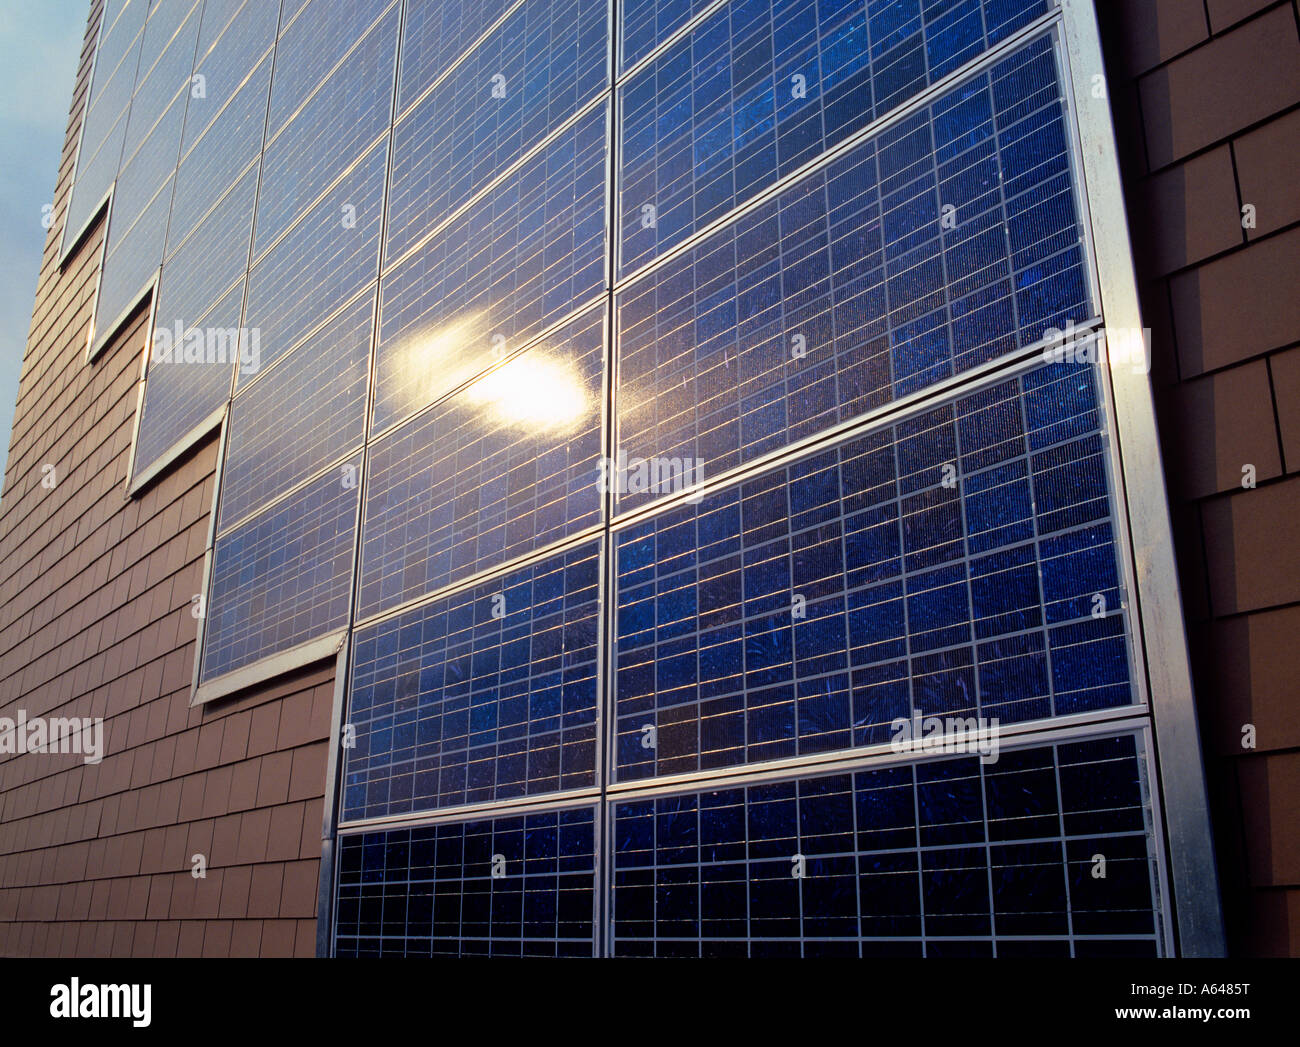 Los paneles solares de energía solar en la fachada del edificio de apartamentos. Imagen De Stock